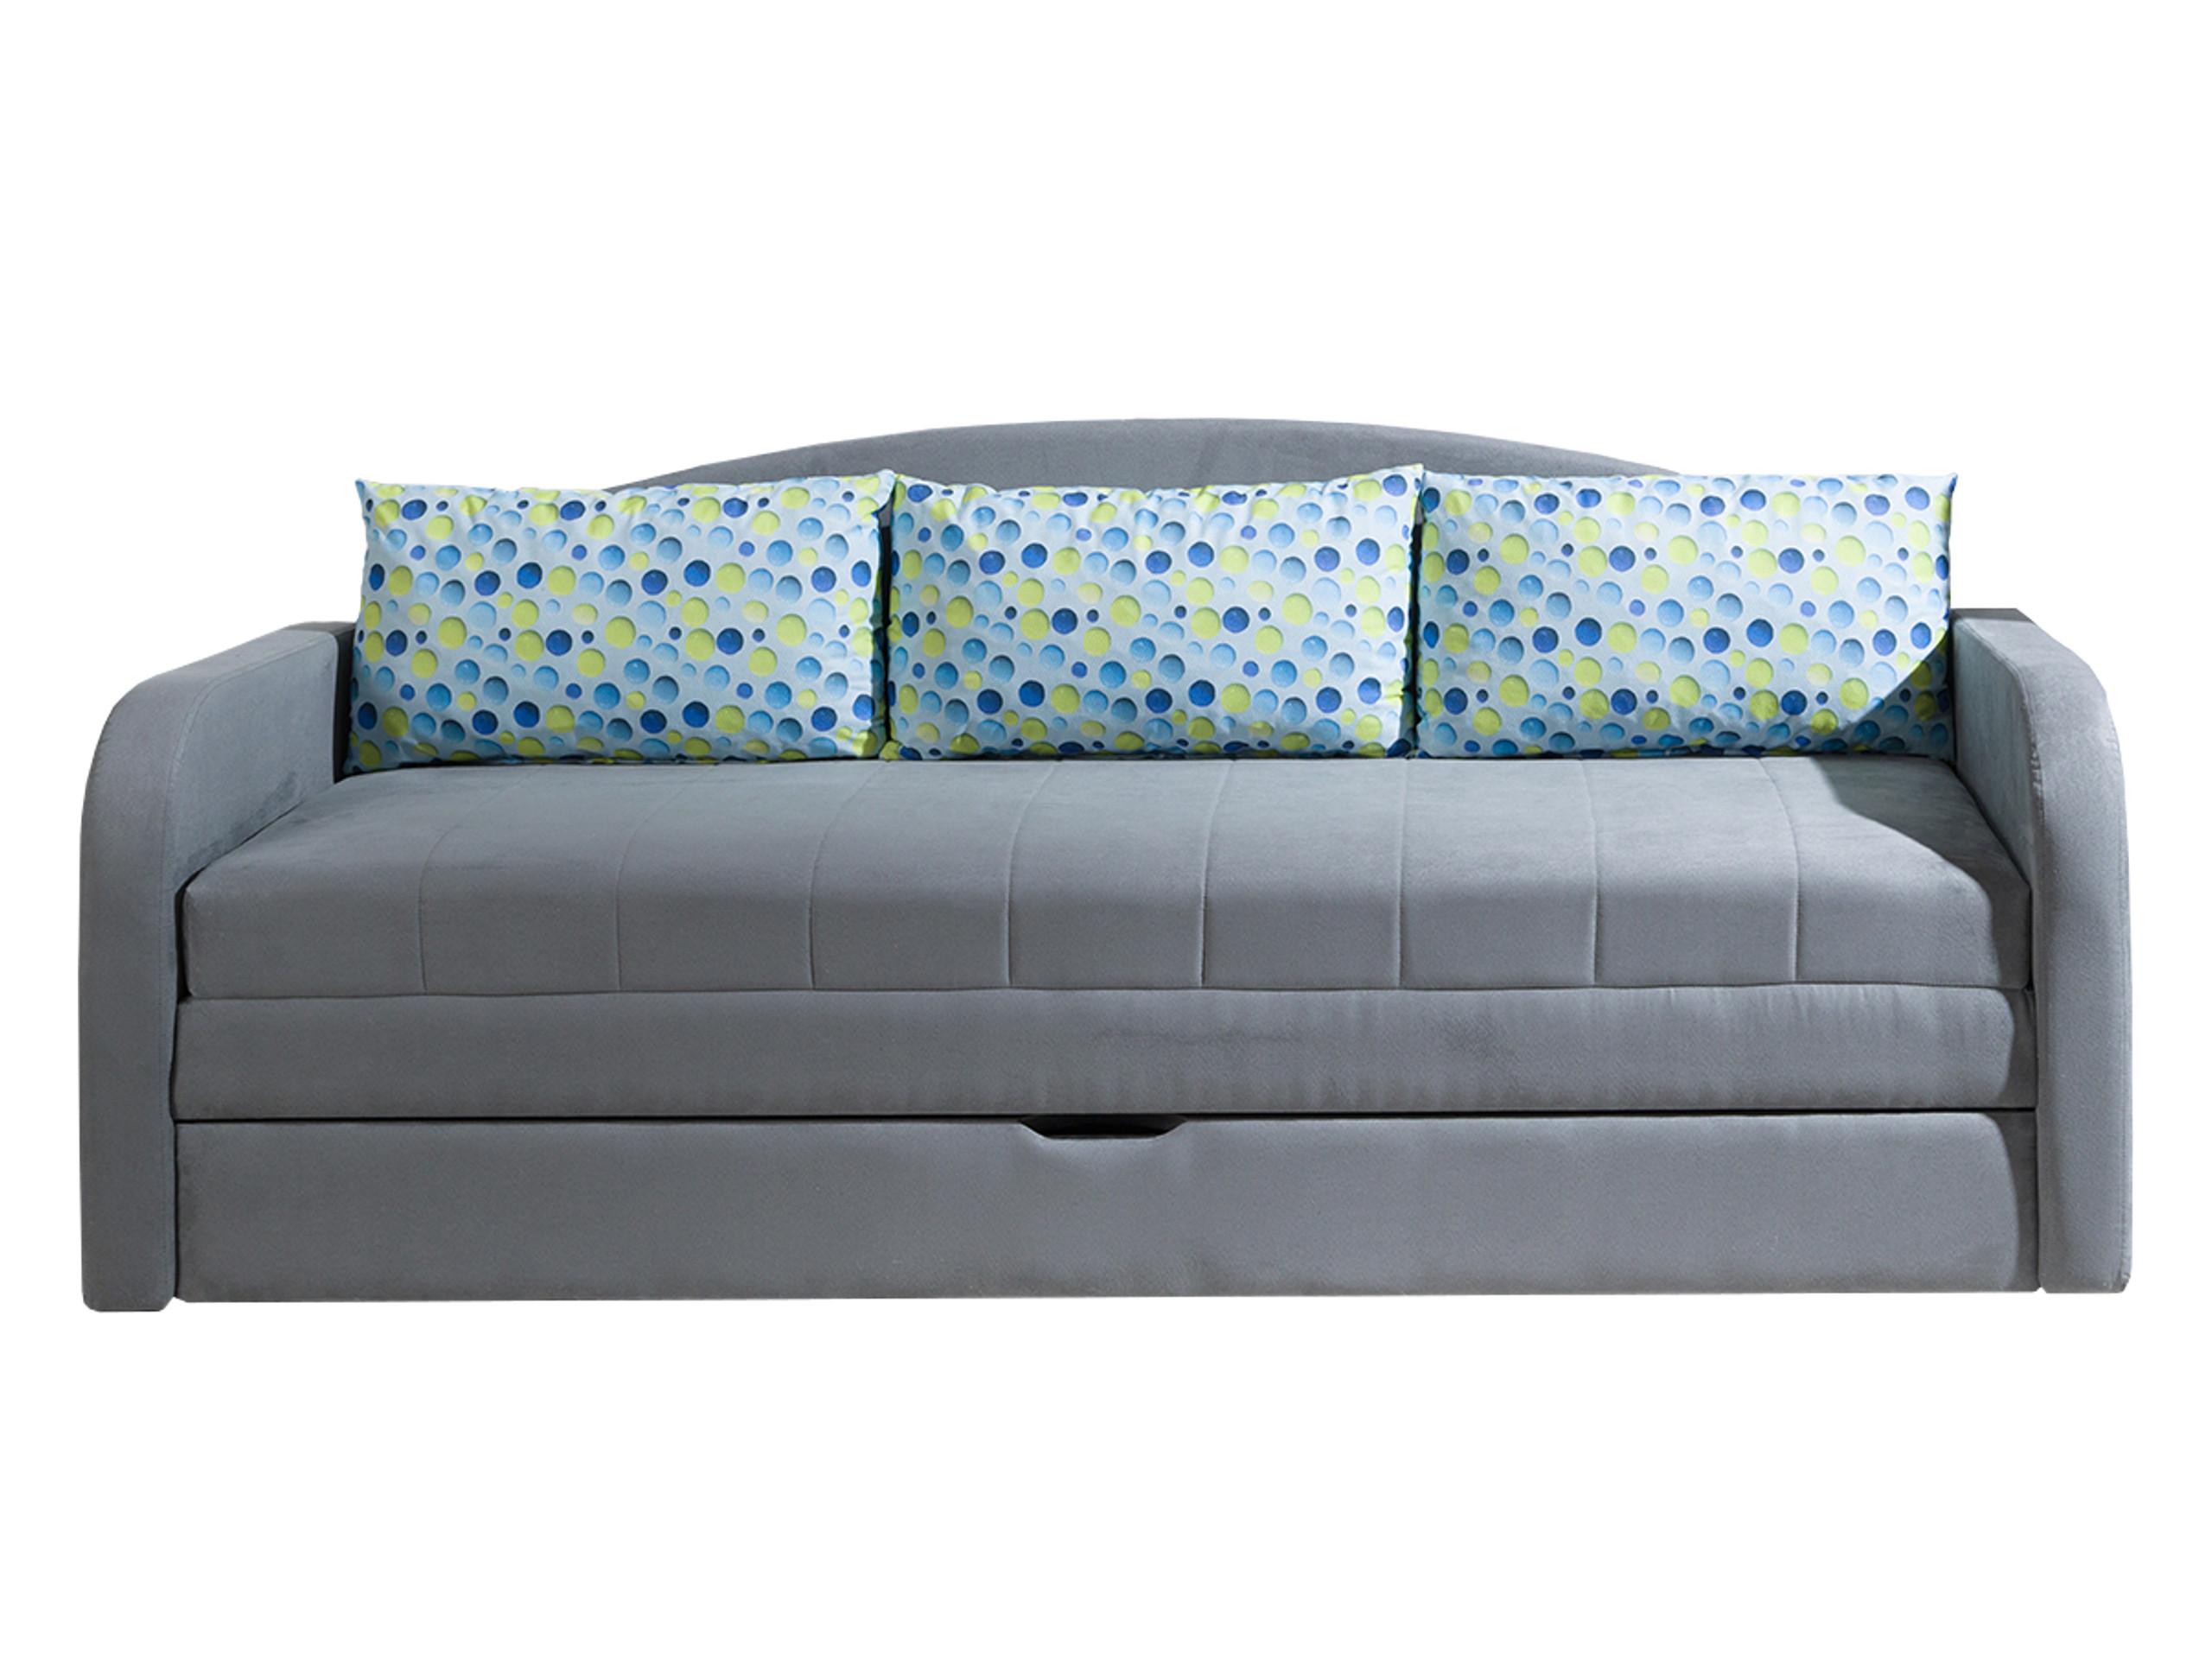 Sofa Linus Kanapa Młodzieżowe Tapczan 10 Dni 7226815703